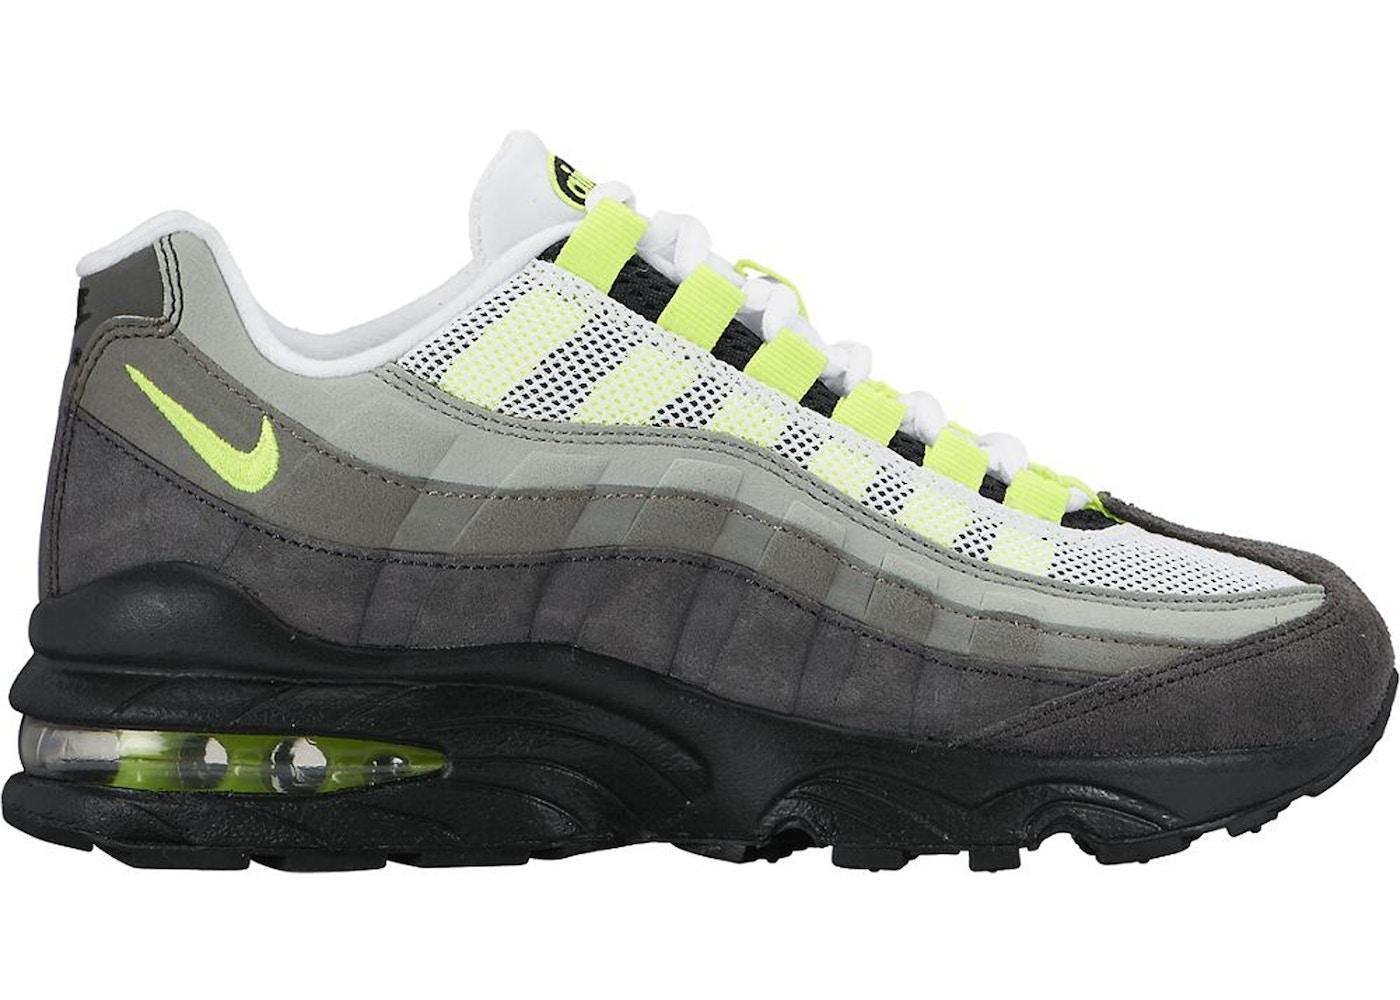 Nike Air Max 95 Shoes - Price Premium